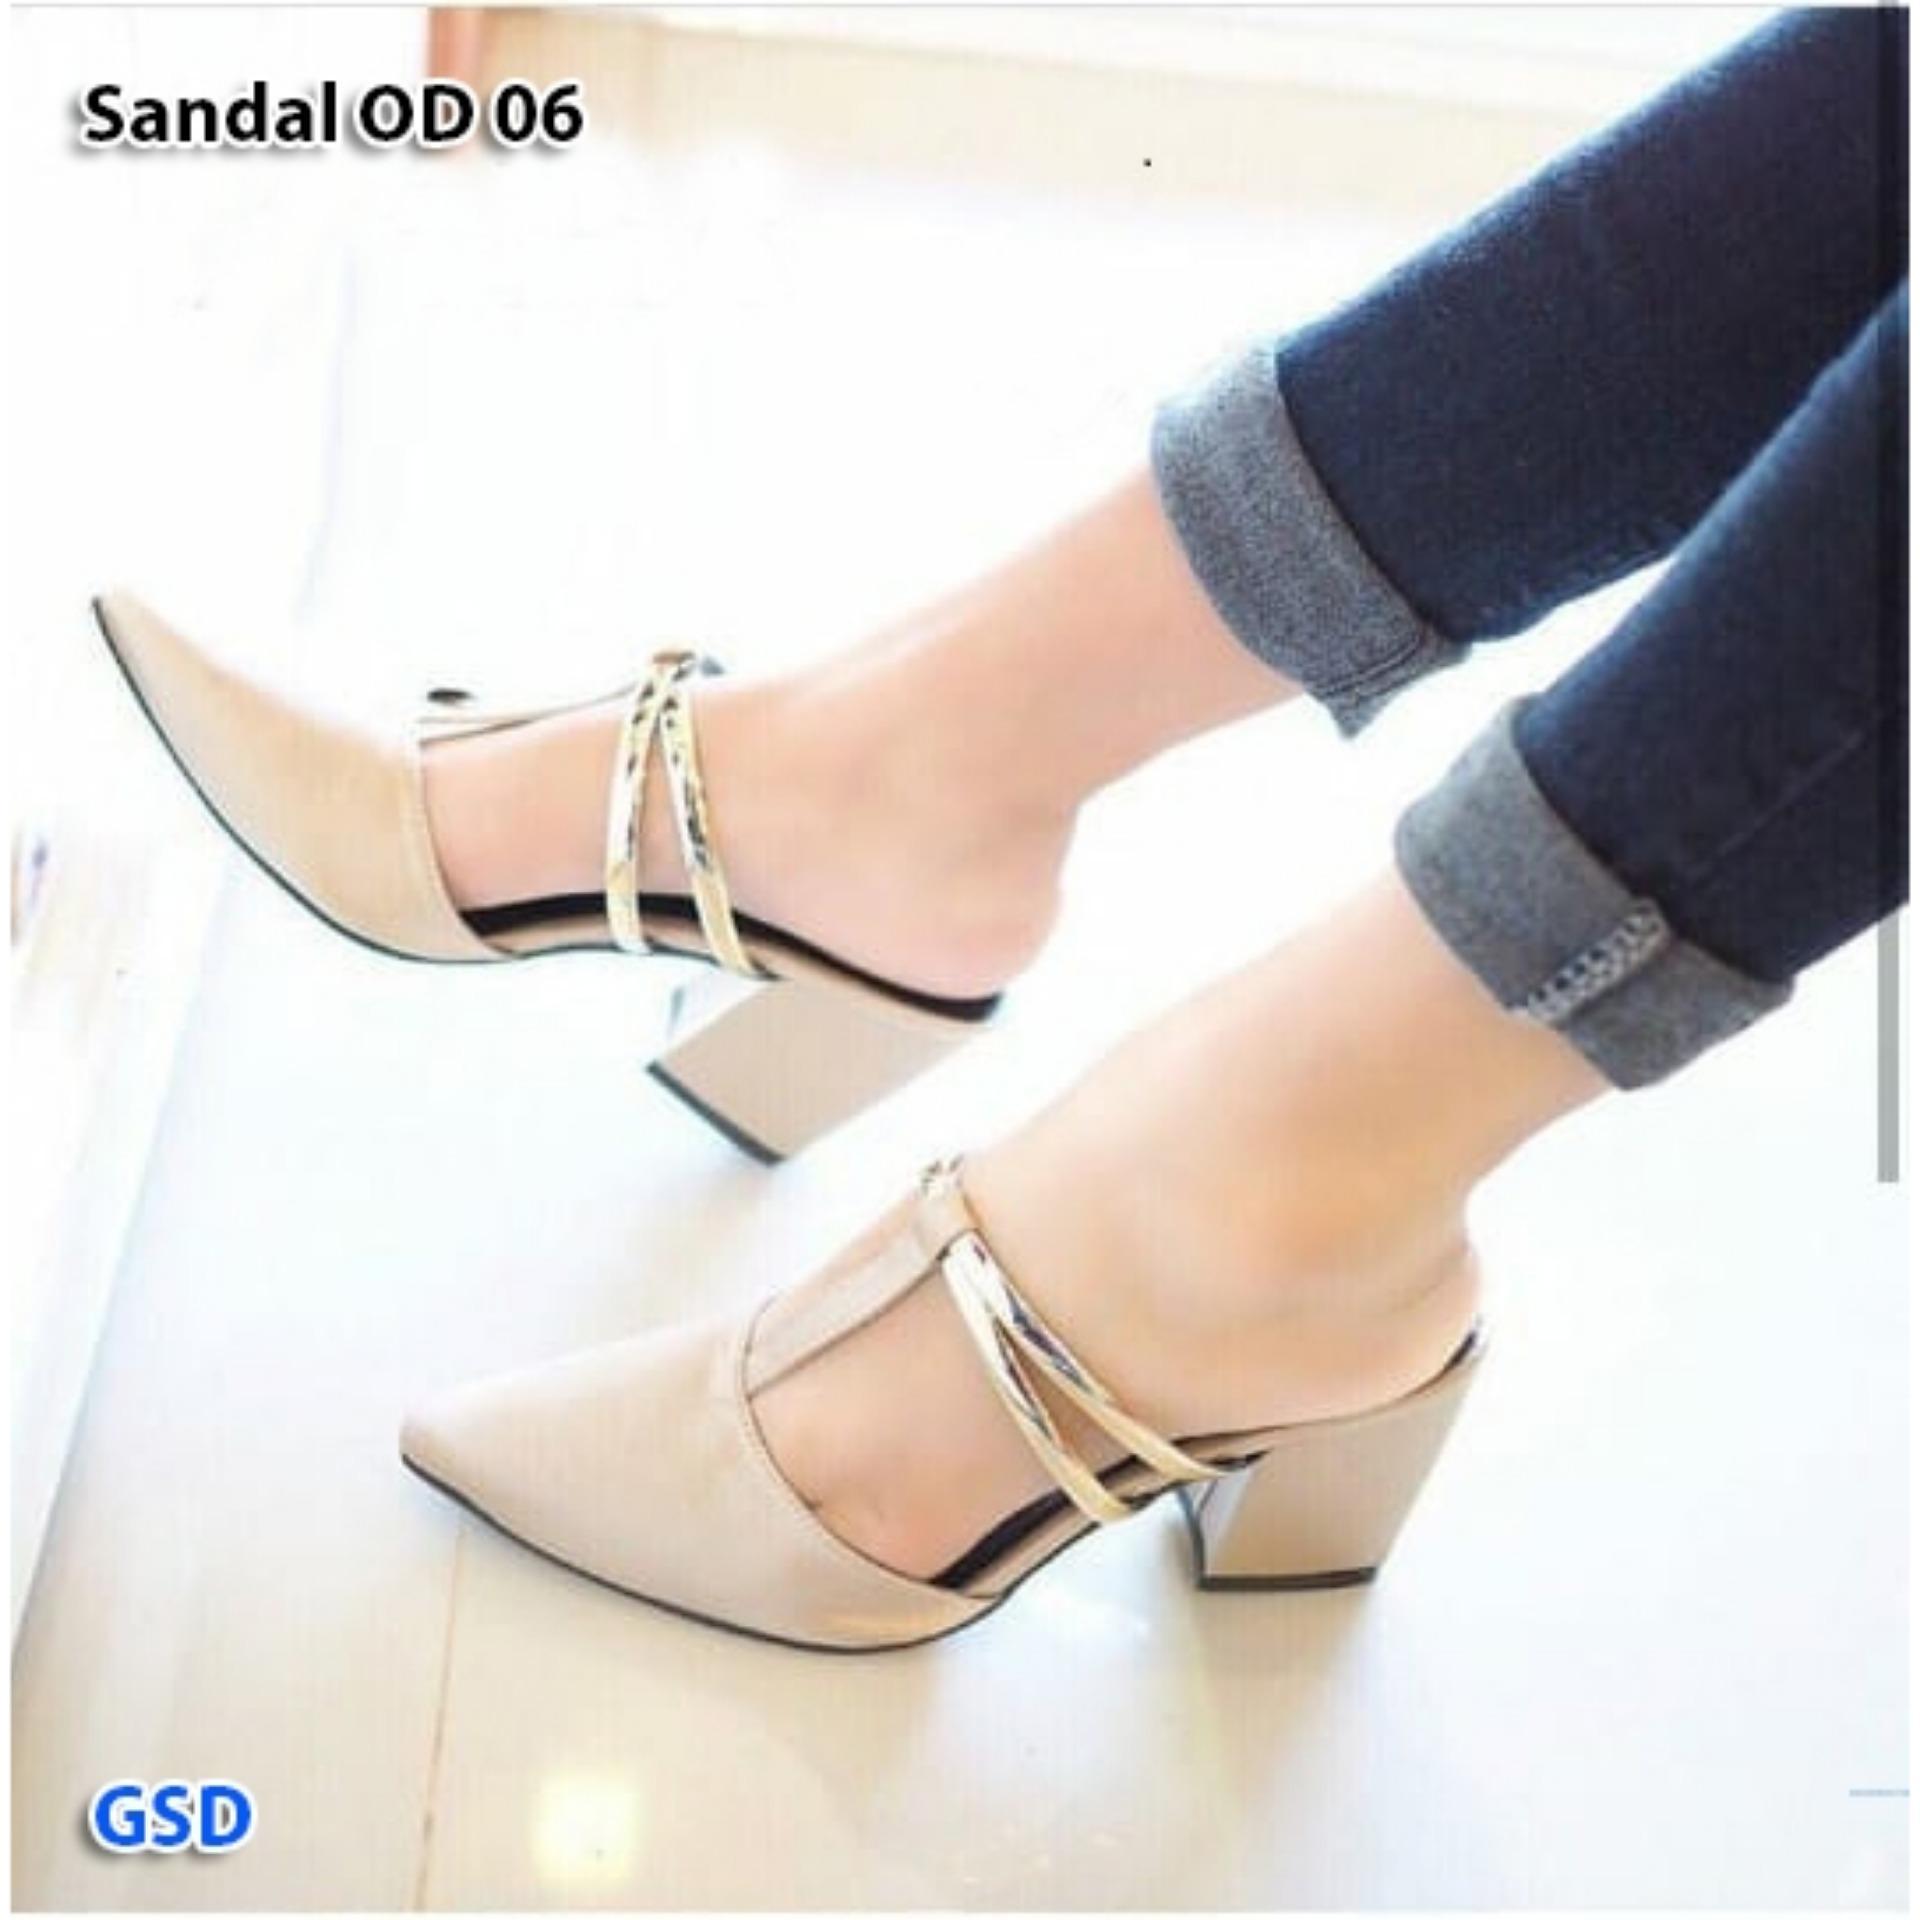 Fashion sandal wanita sandal hils glow Sandal OD 06